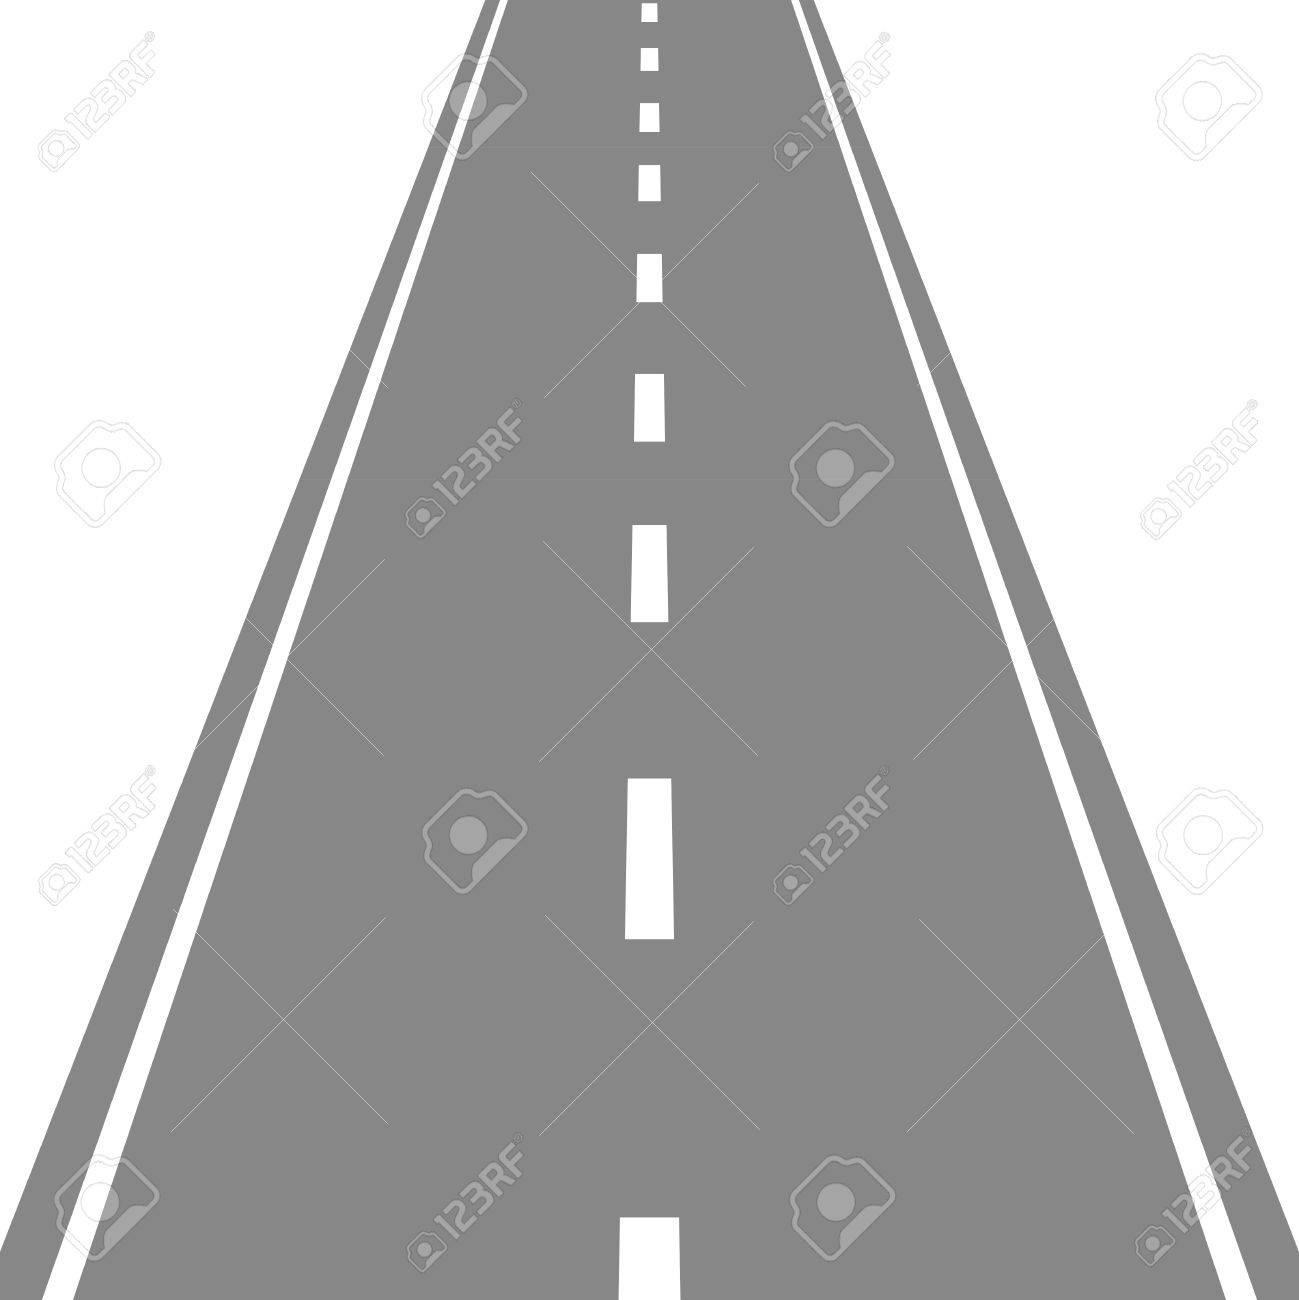 Straight Road Vector Illustartion Royalty Free Cliparts, Vectors ... for Straight Road Vector Free Download  587fsj